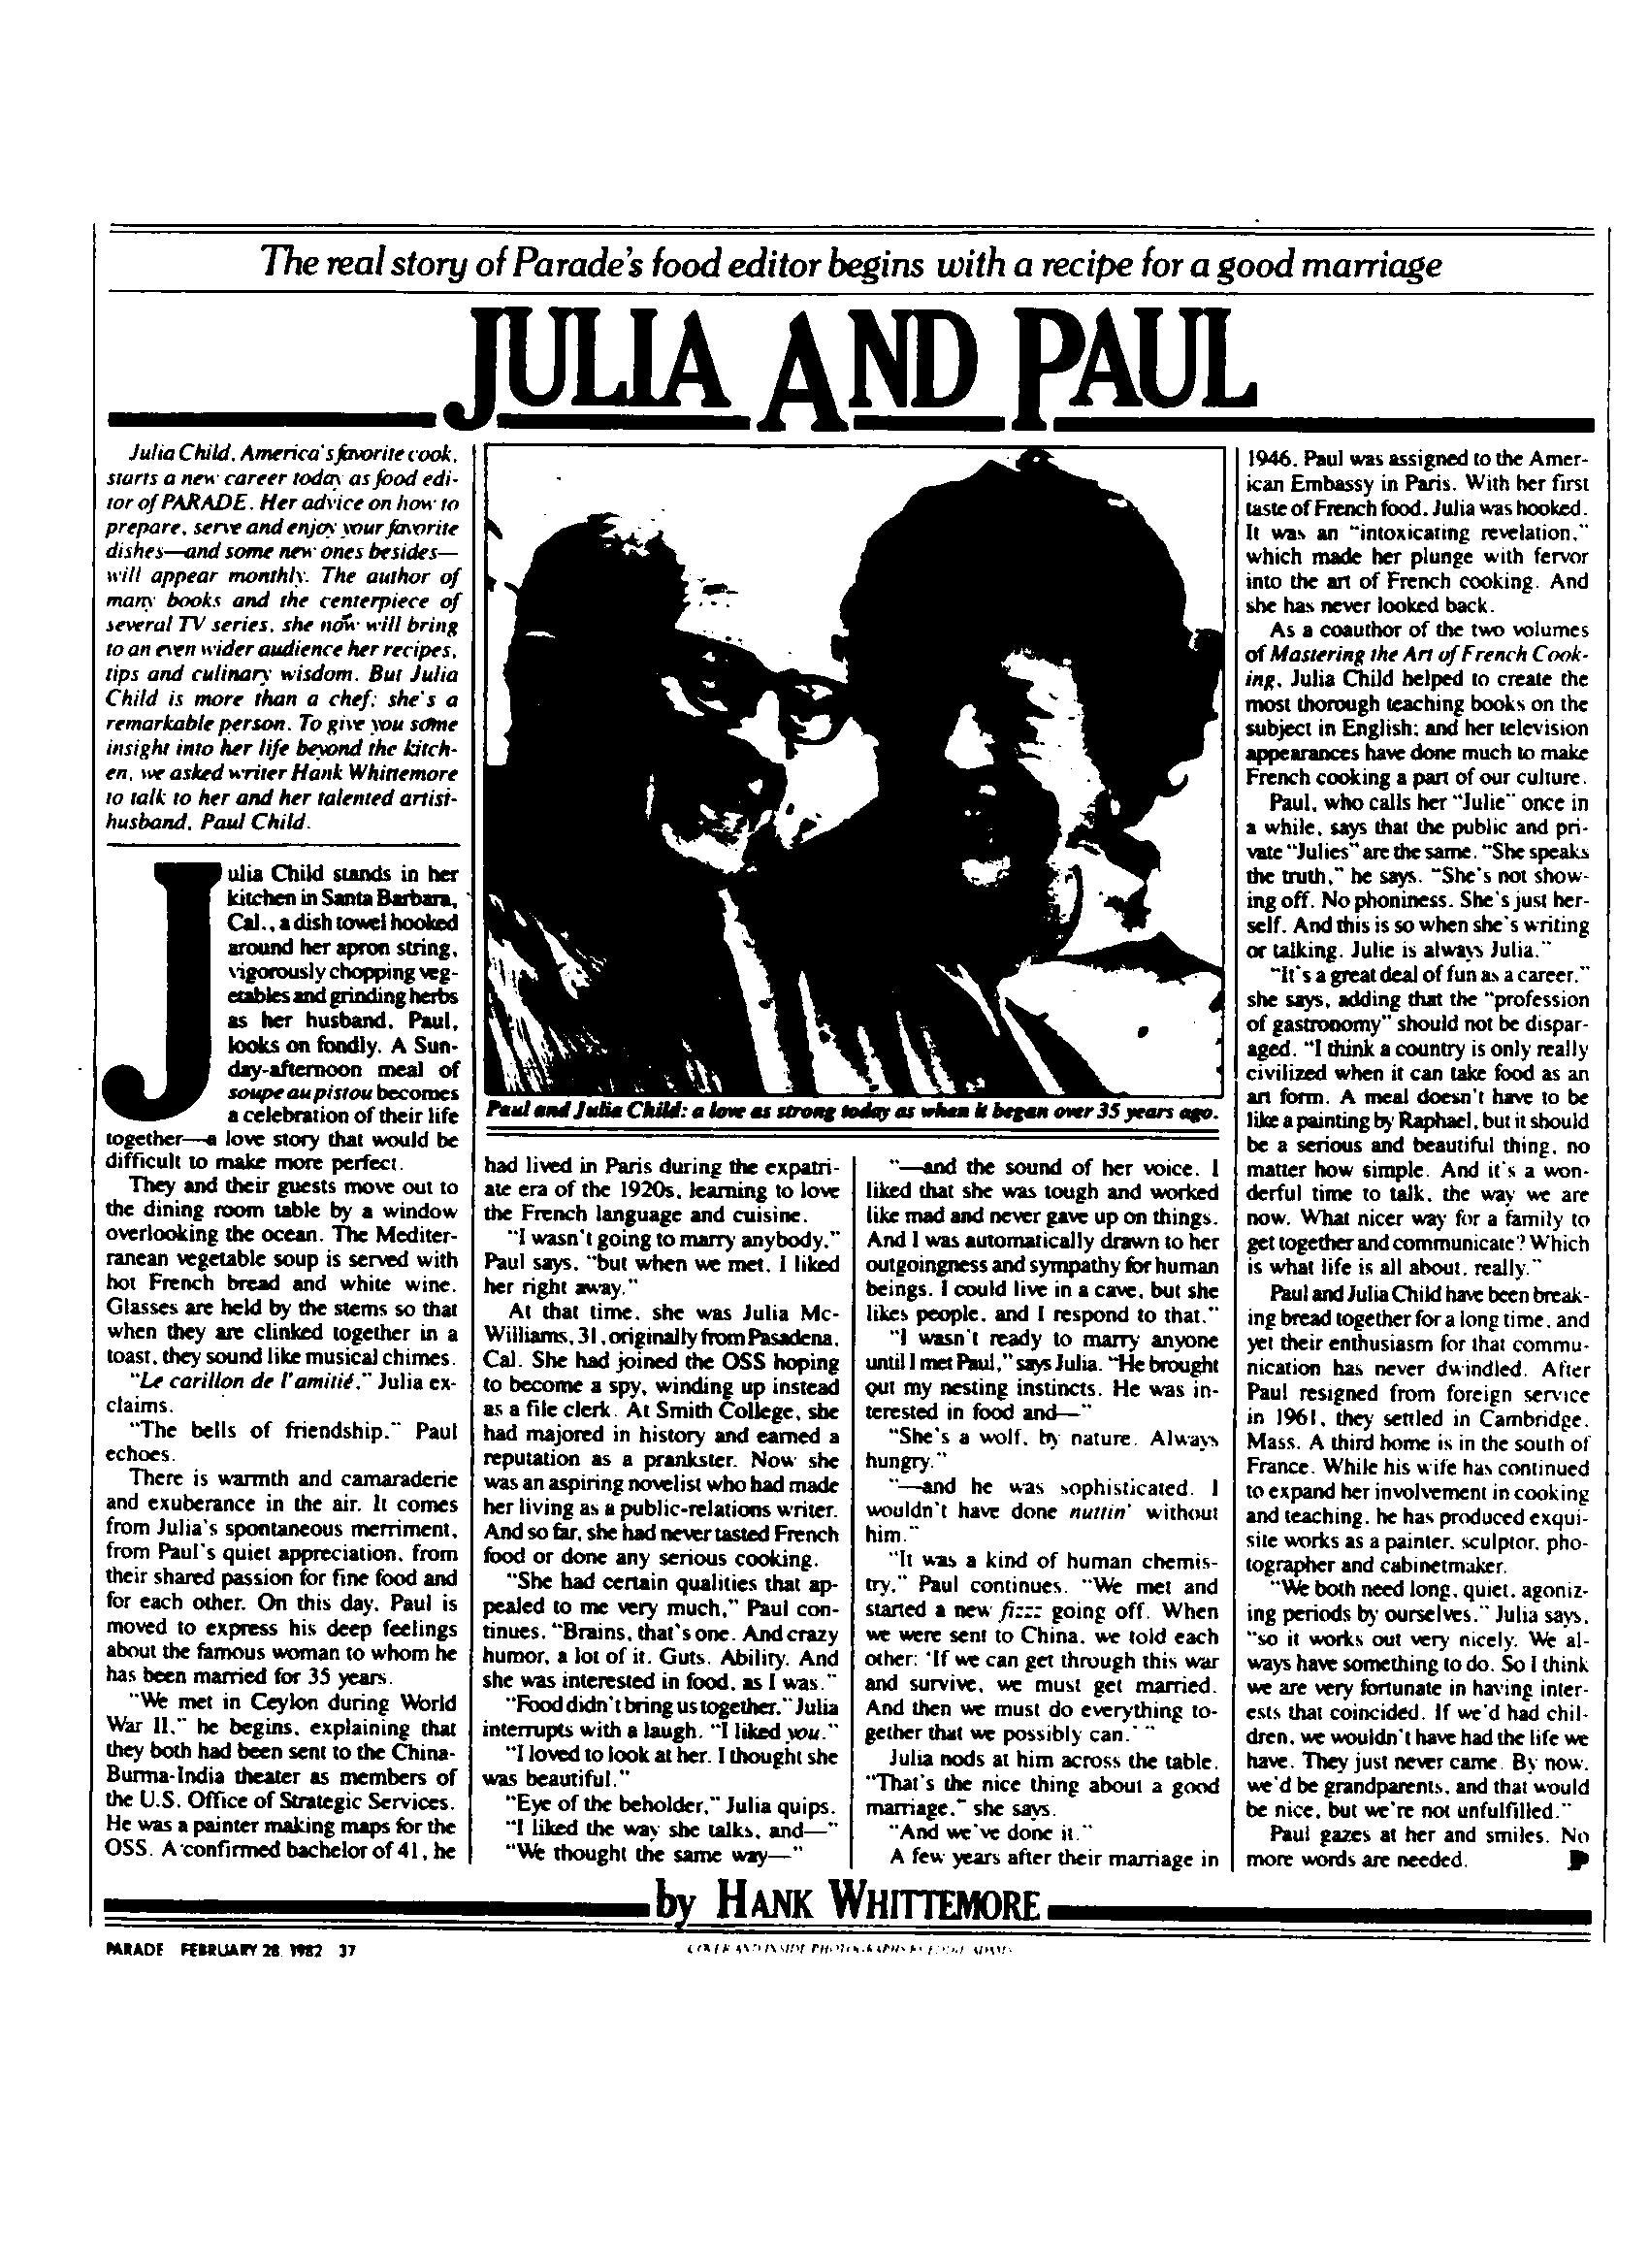 PARADE - Feb 28, 1982